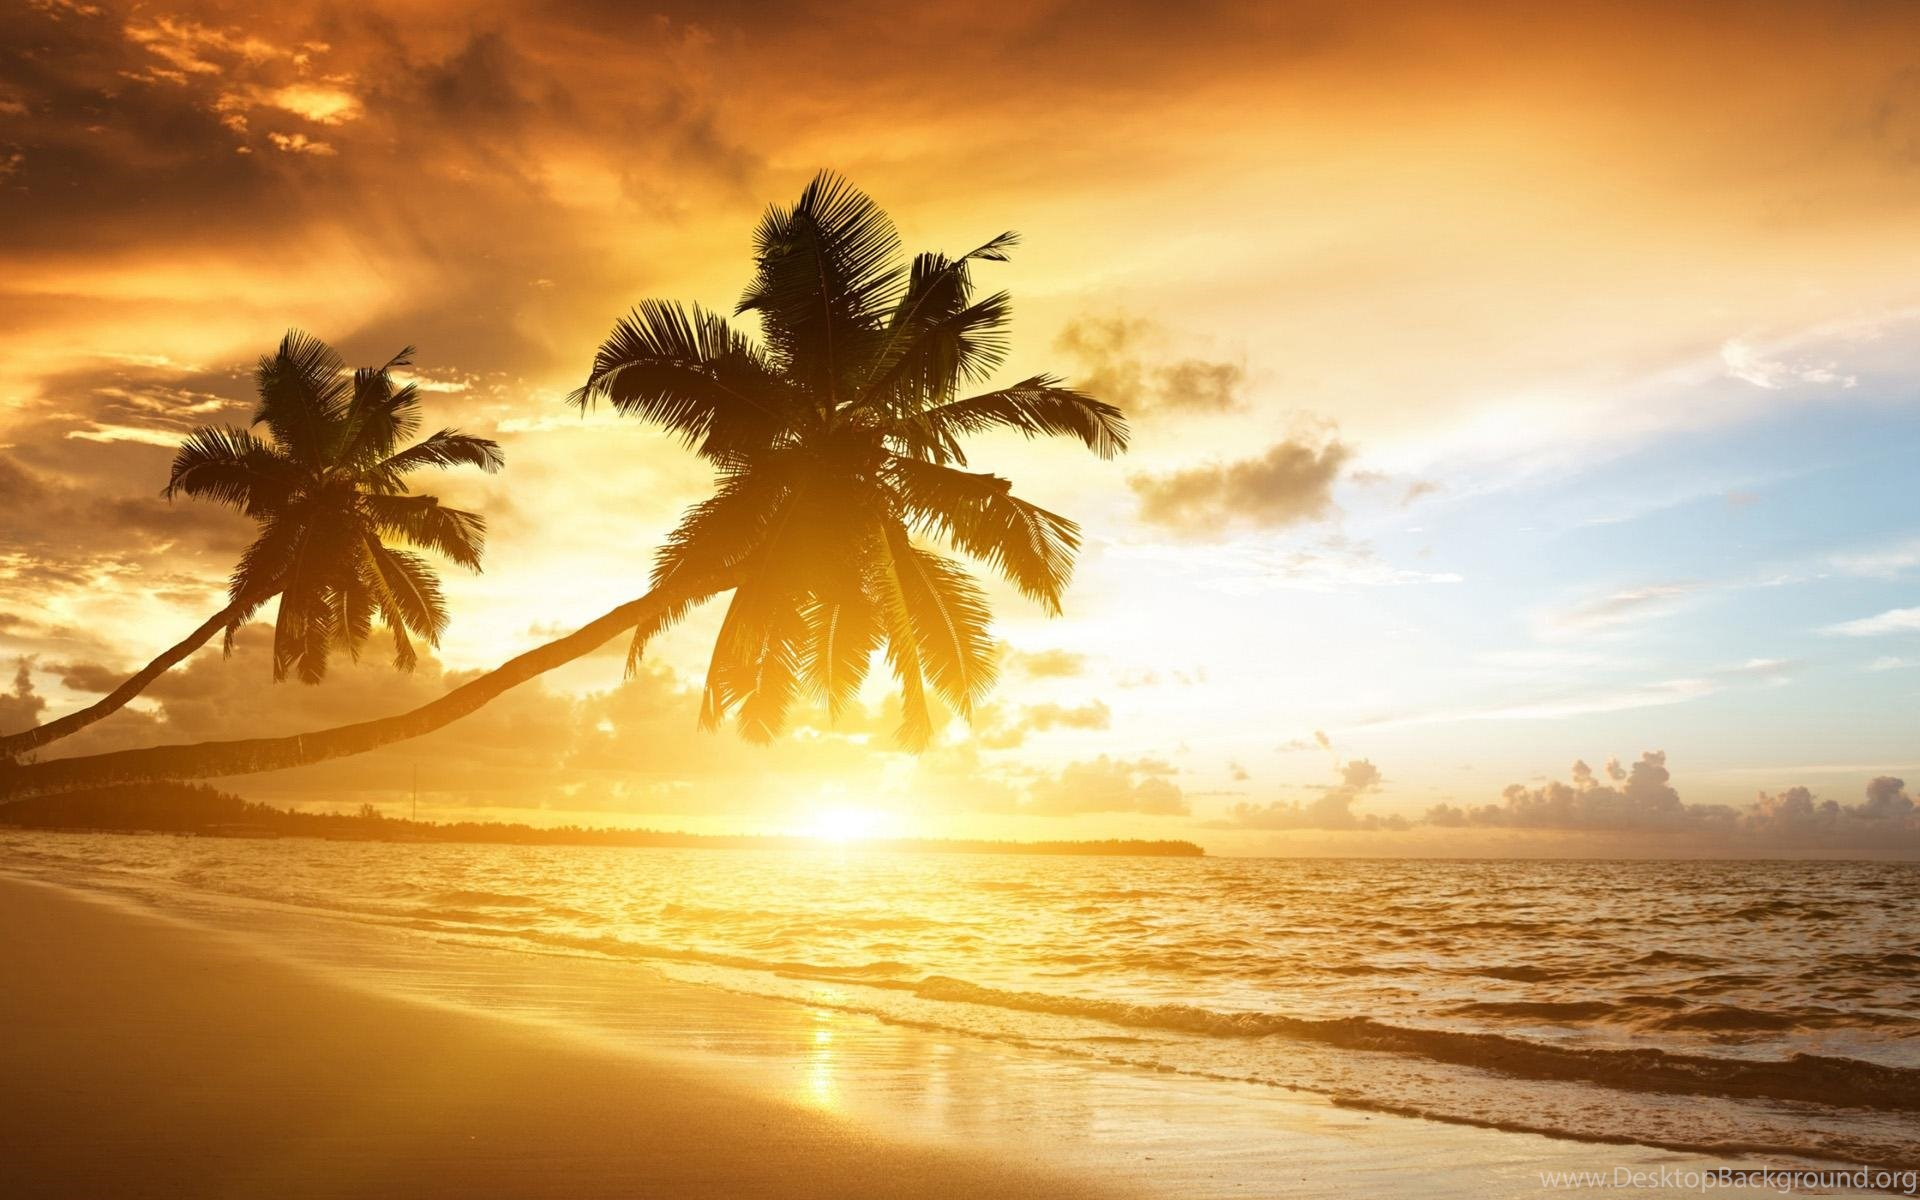 Beach Sunset Wallpapers Widescreen Hd Cool 7 Hd Wallpapers Desktop